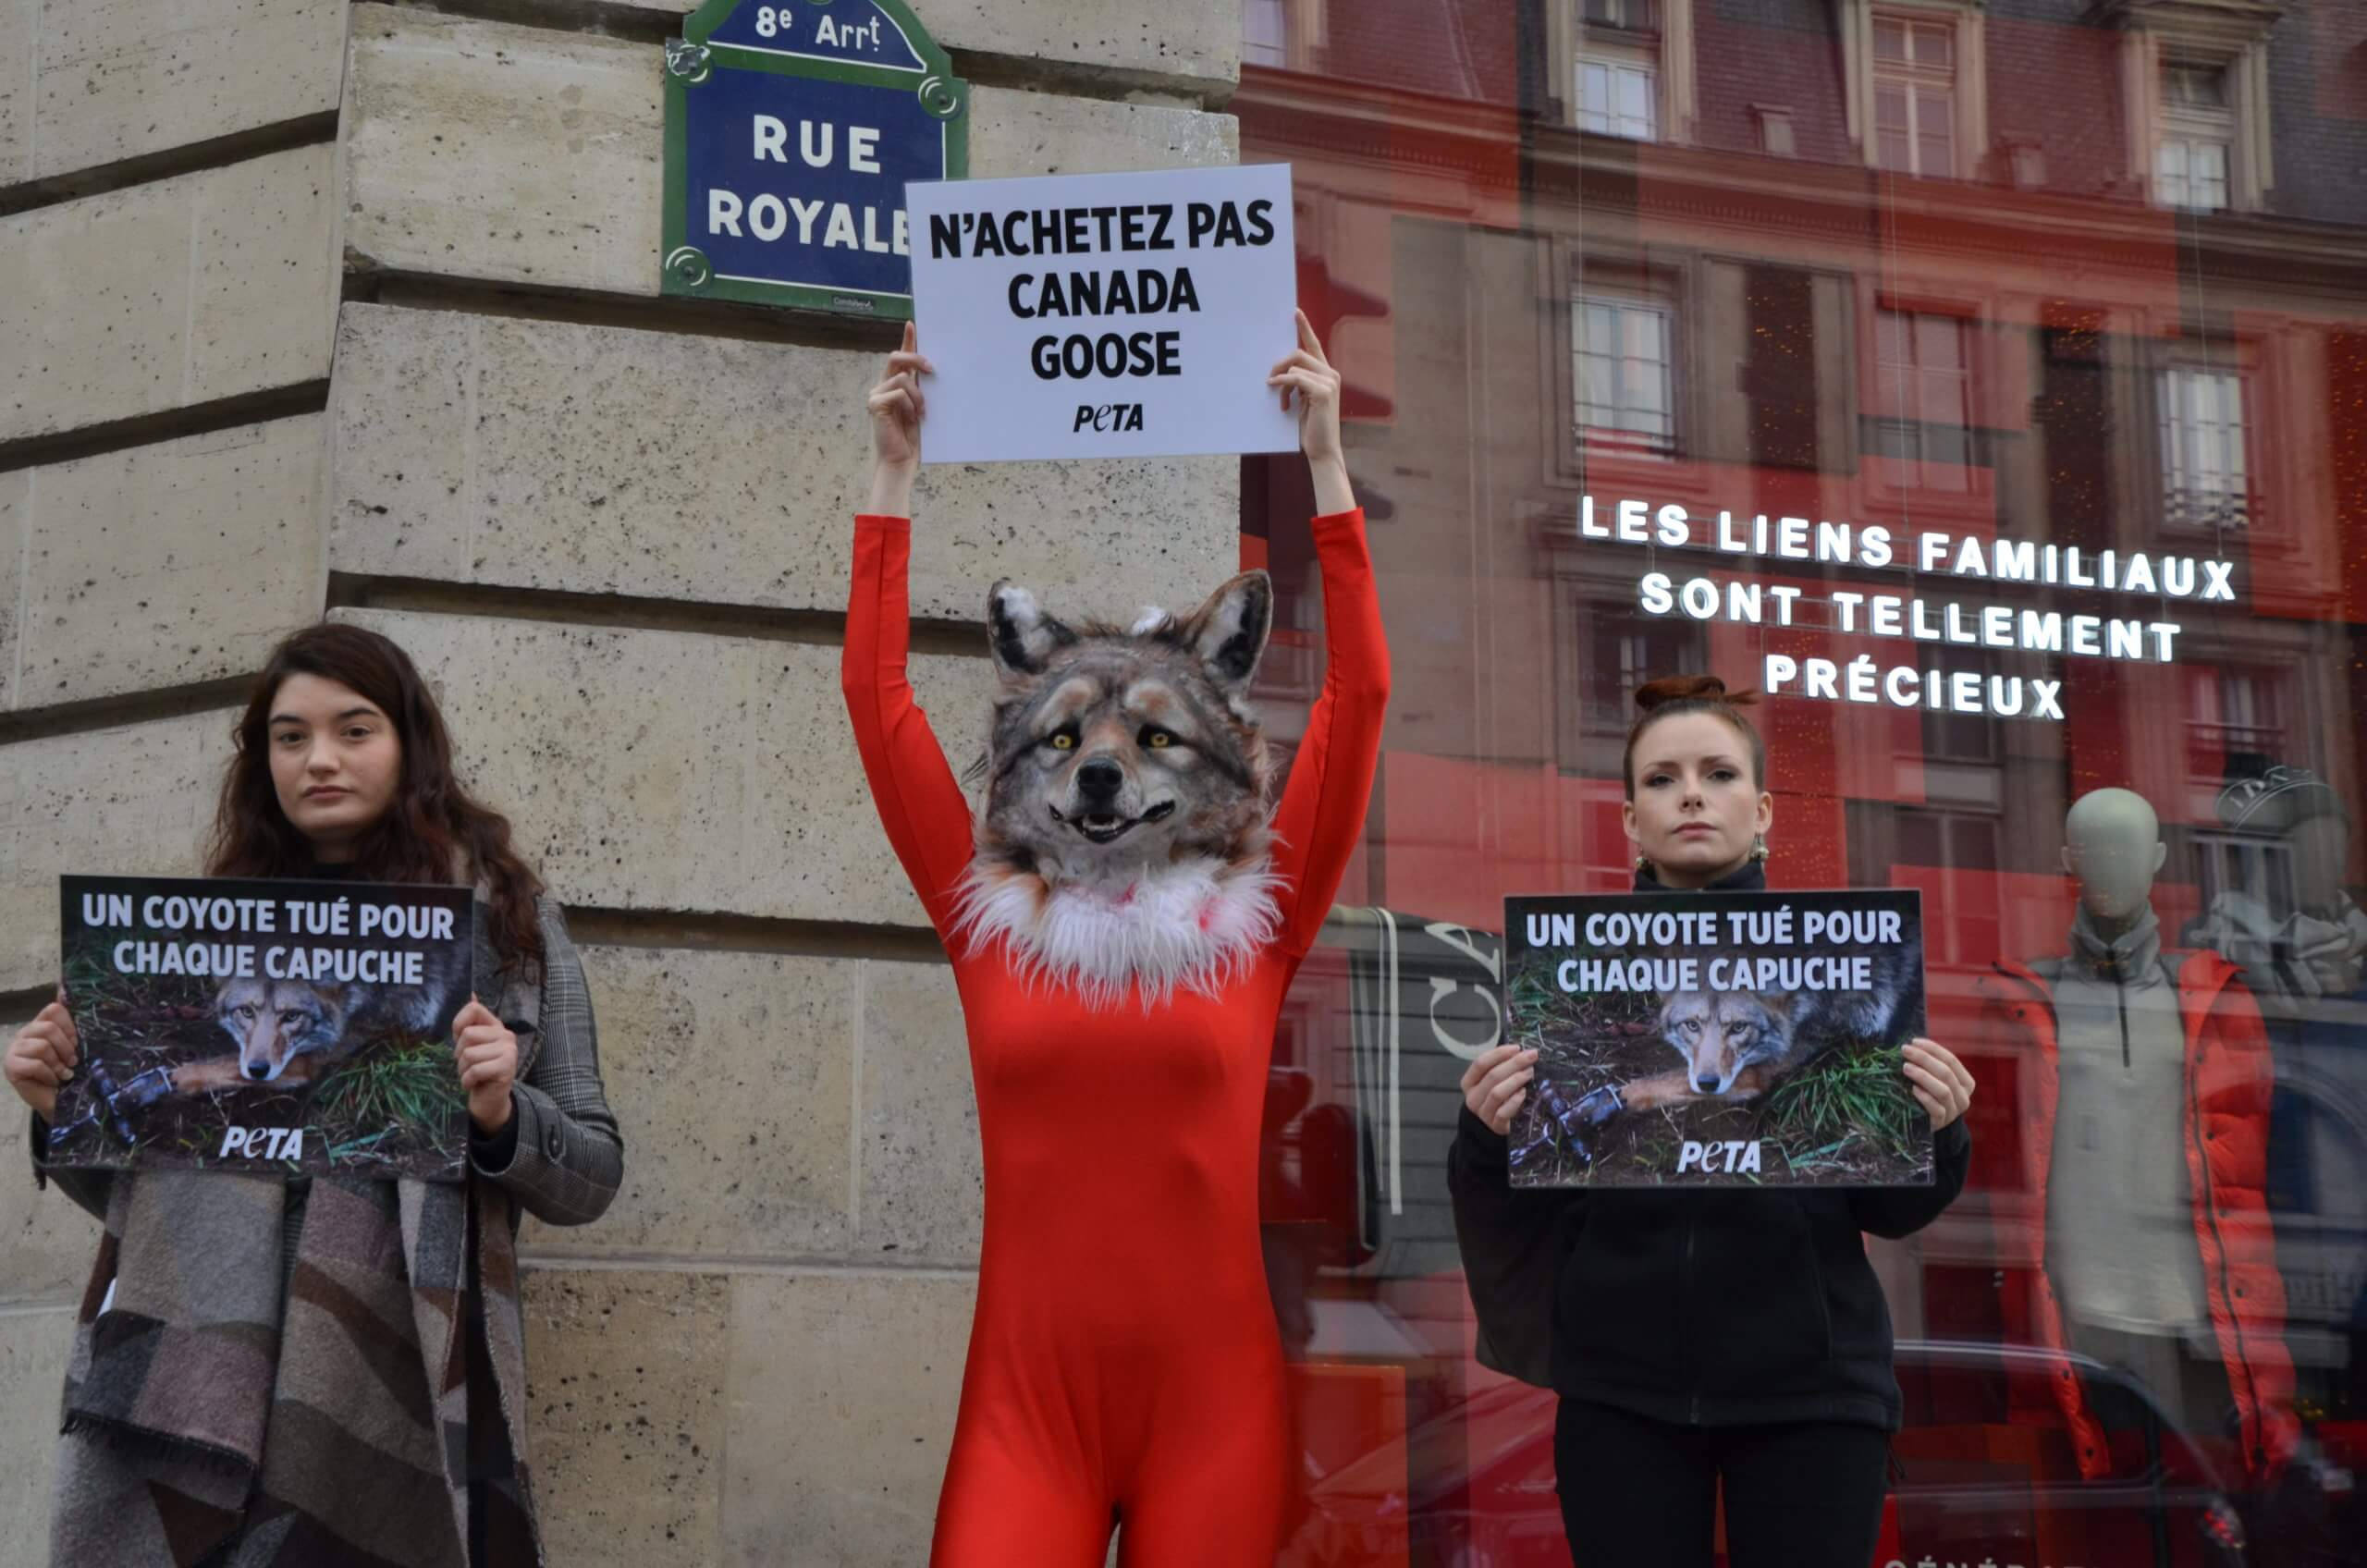 Un « coyote » piégé et ensanglanté proteste contre l'ouverture du premier magasin Canada Goose parisien